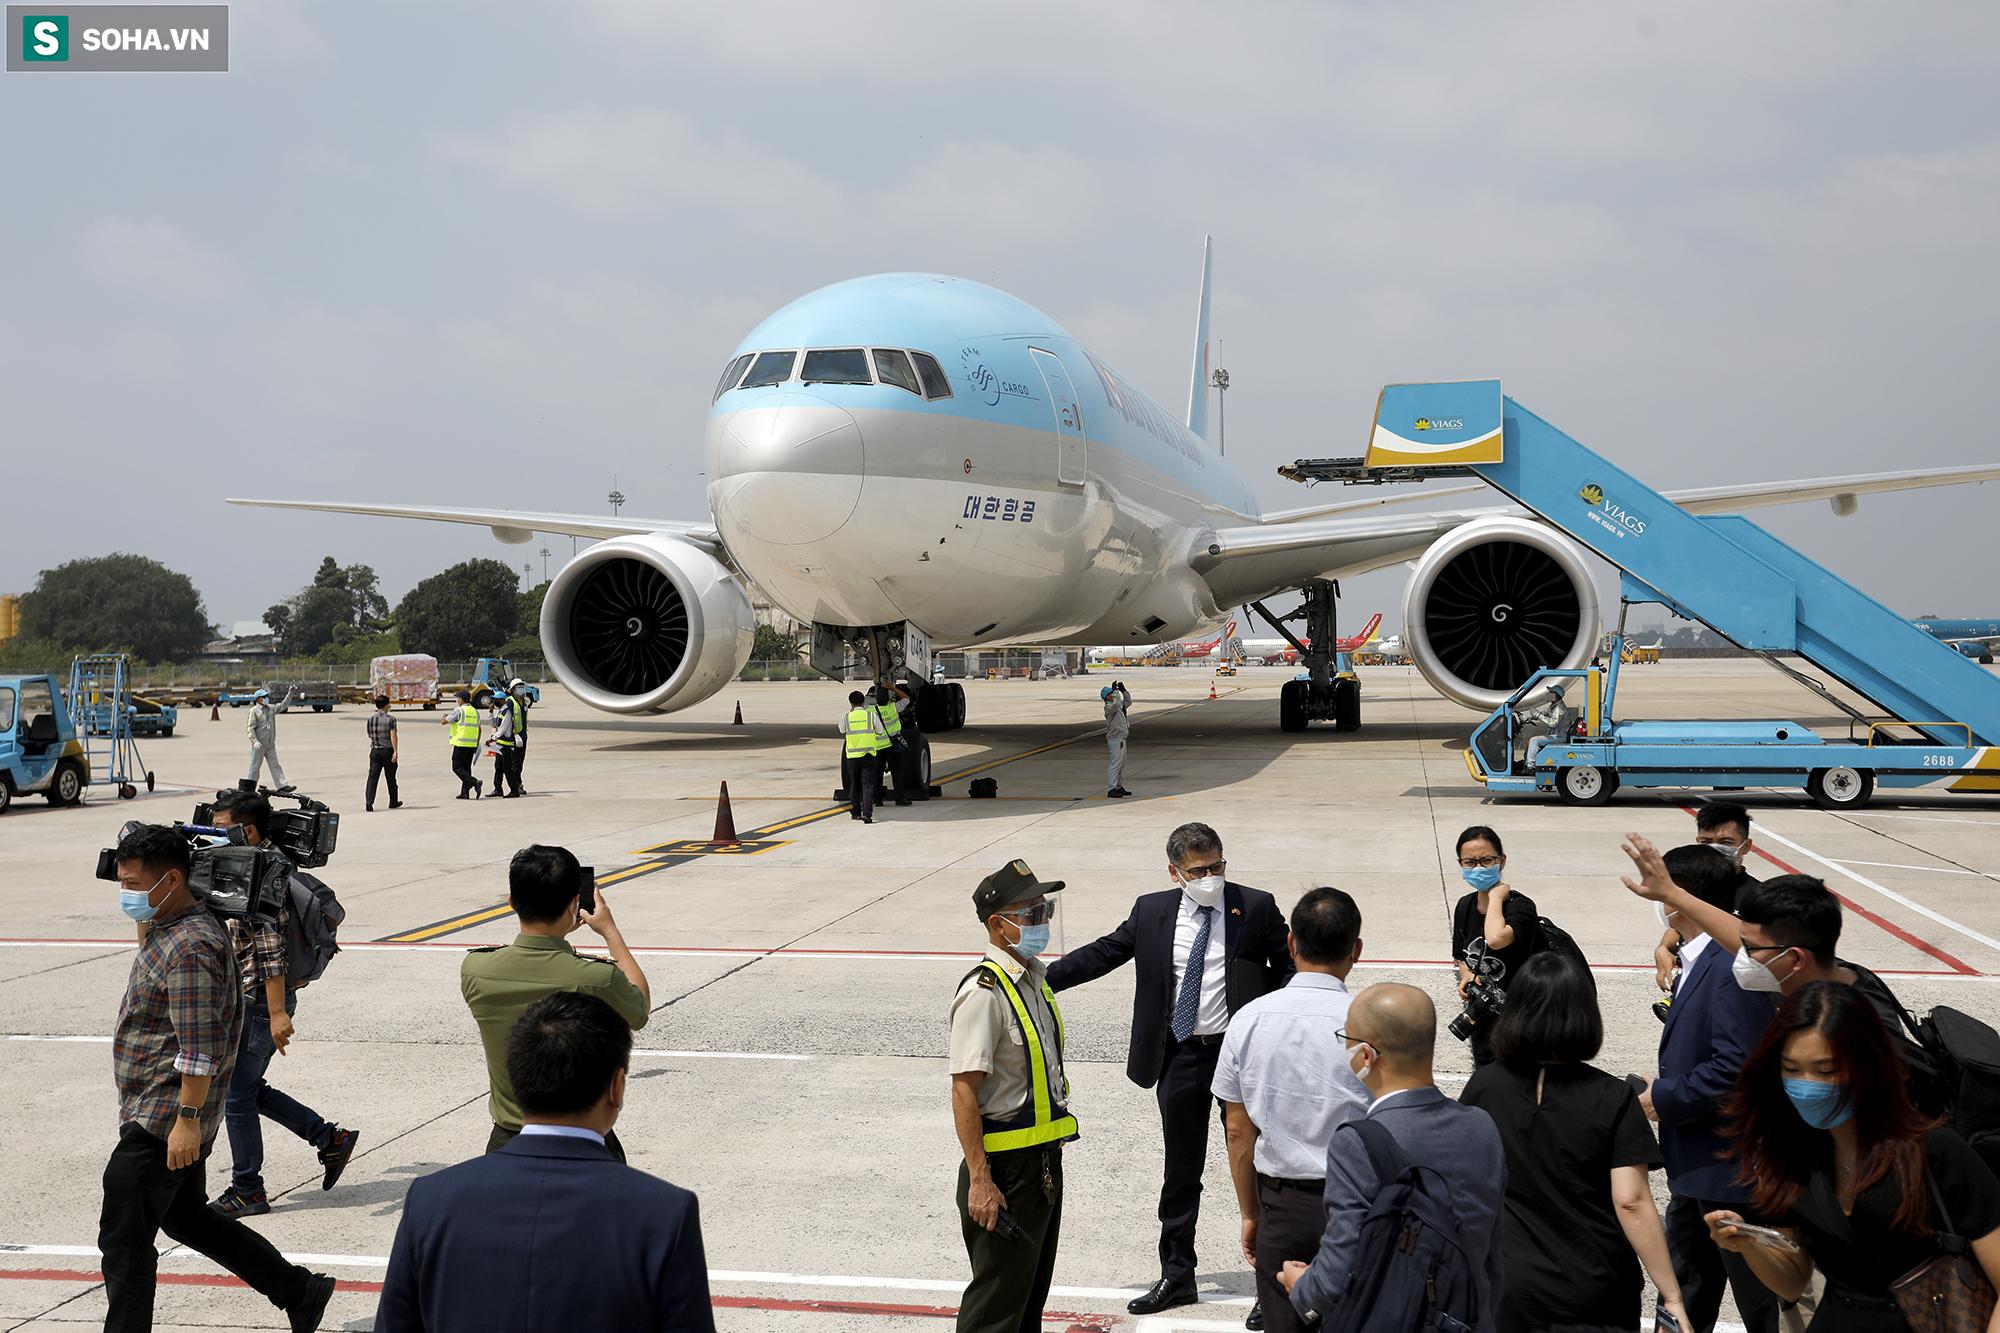 [ẢNH] Cận cảnh đưa 117.000 liều vắc xin Covid-19 đầu tiên được ra khỏi máy bay tại Tân Sơn Nhất - Ảnh 3.